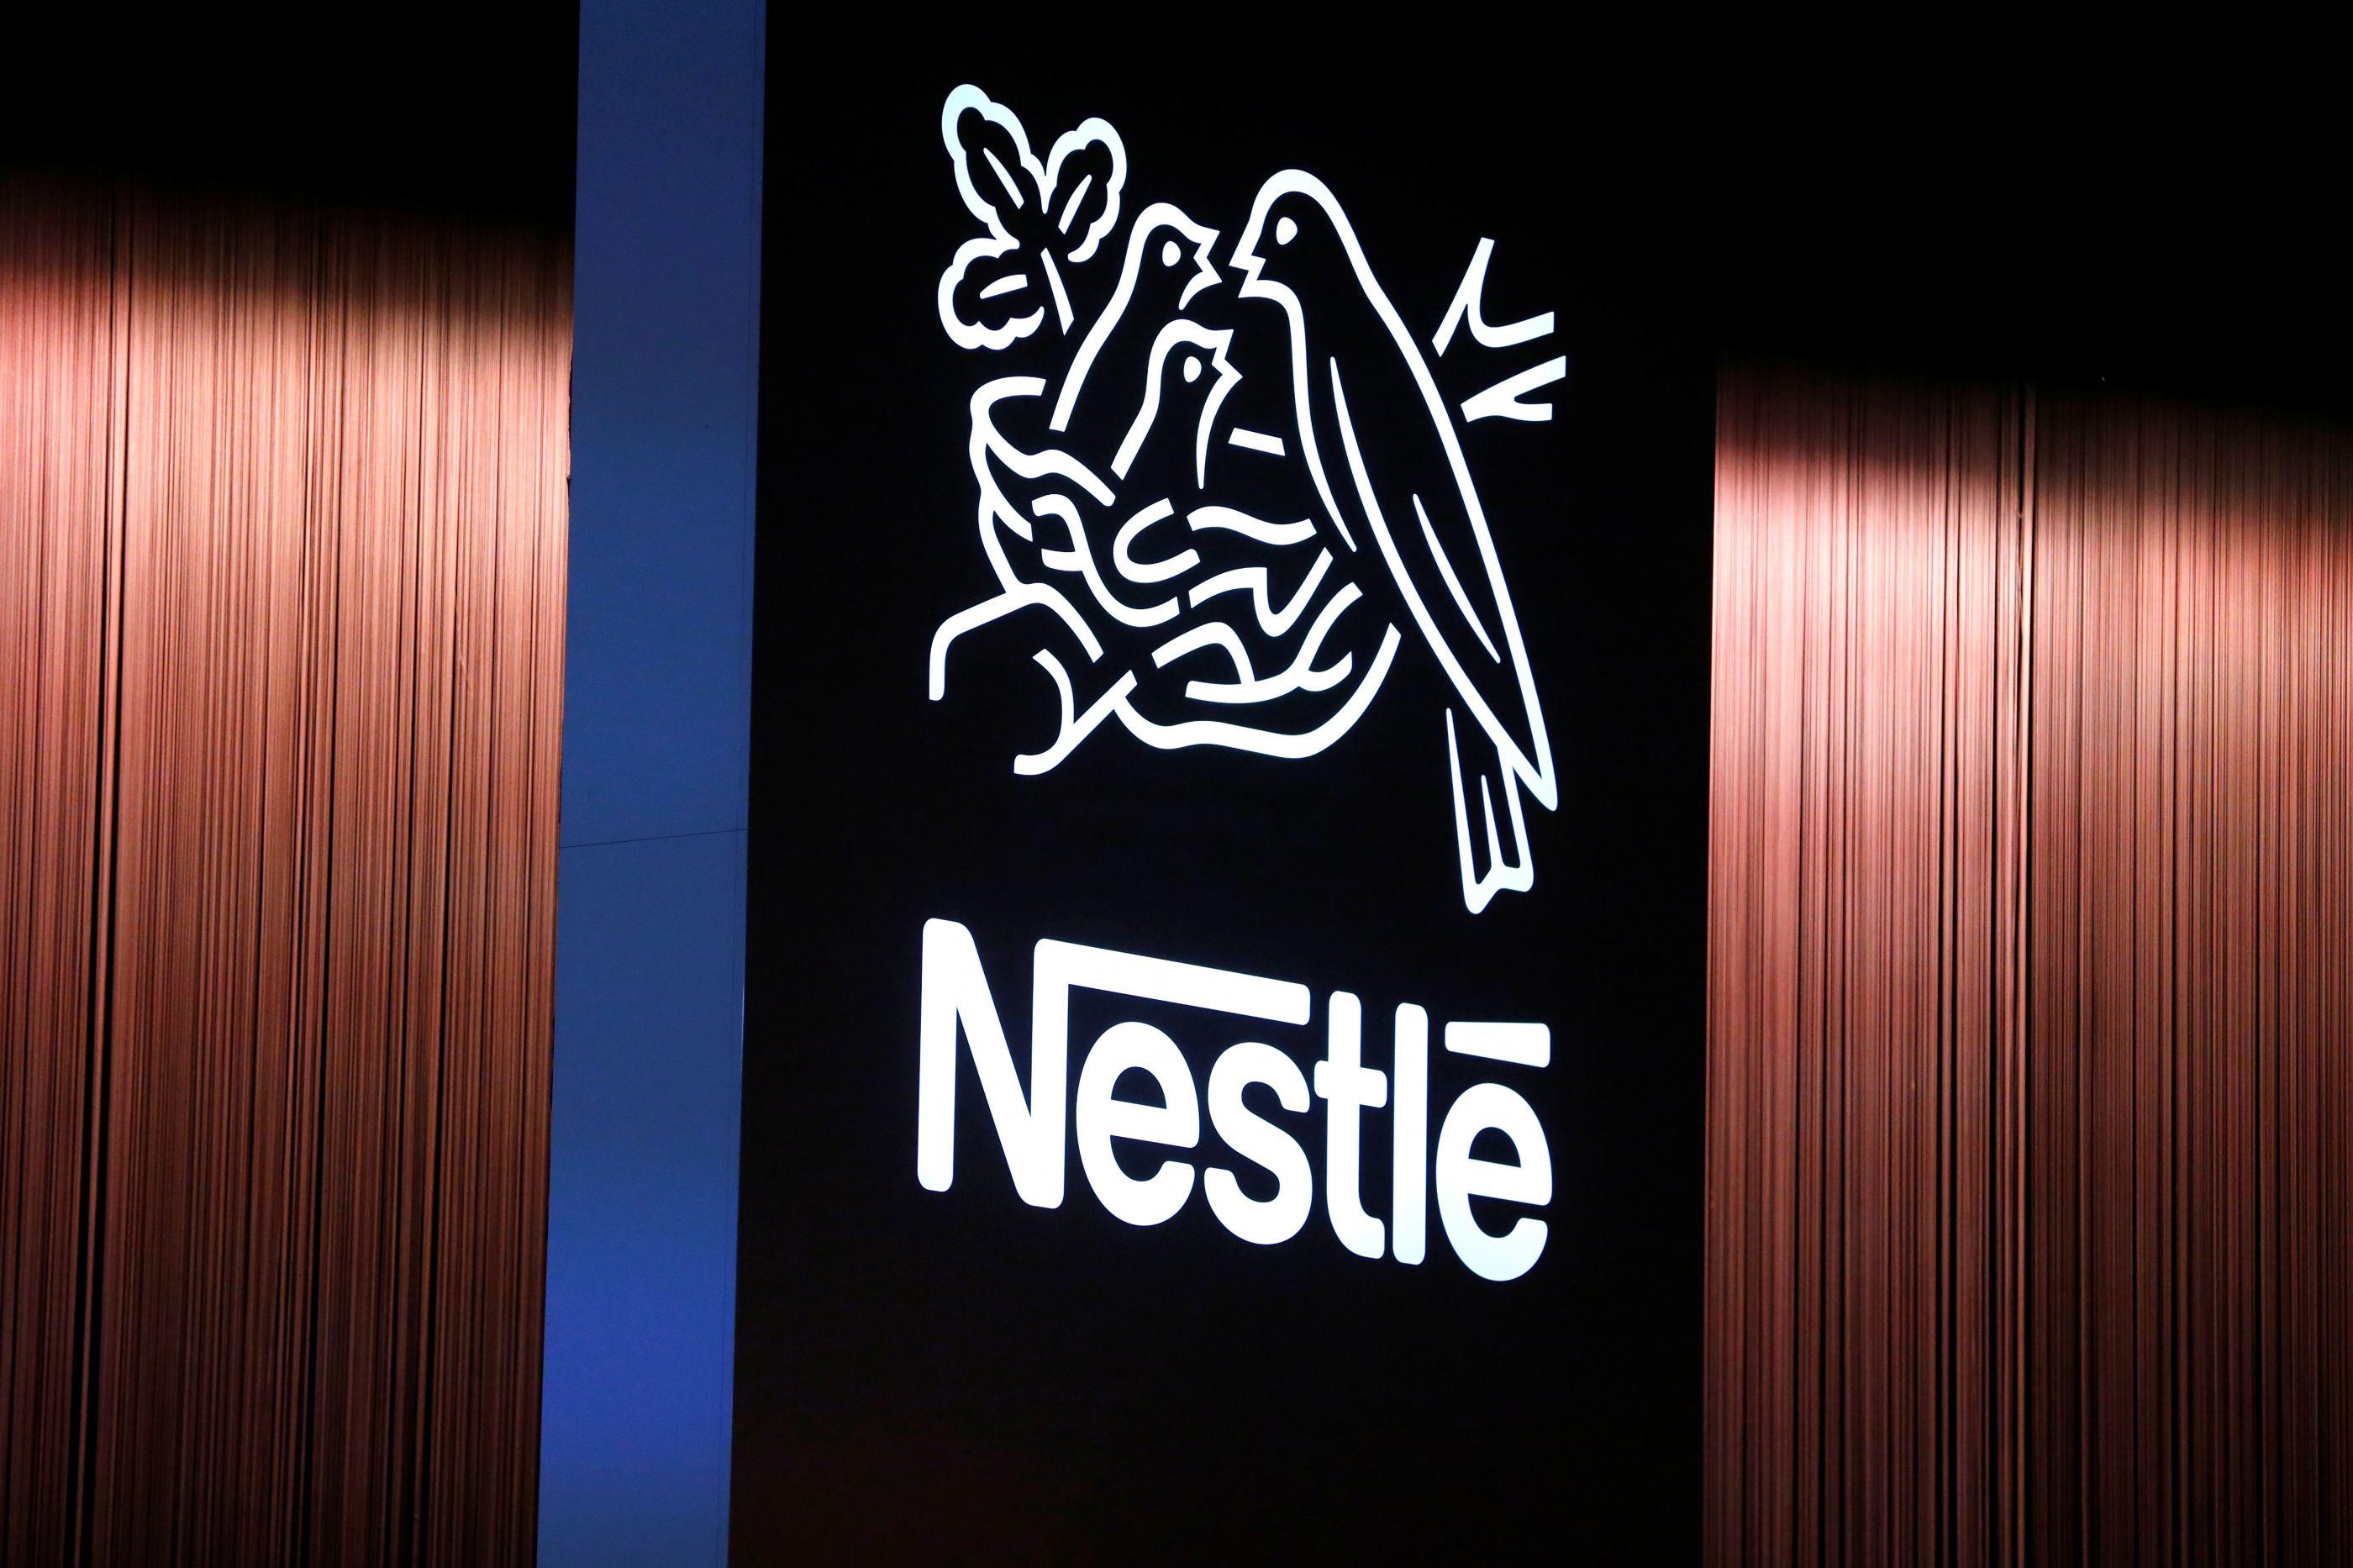 Nestlé quer mais mulheres em posições de liderança até 2022